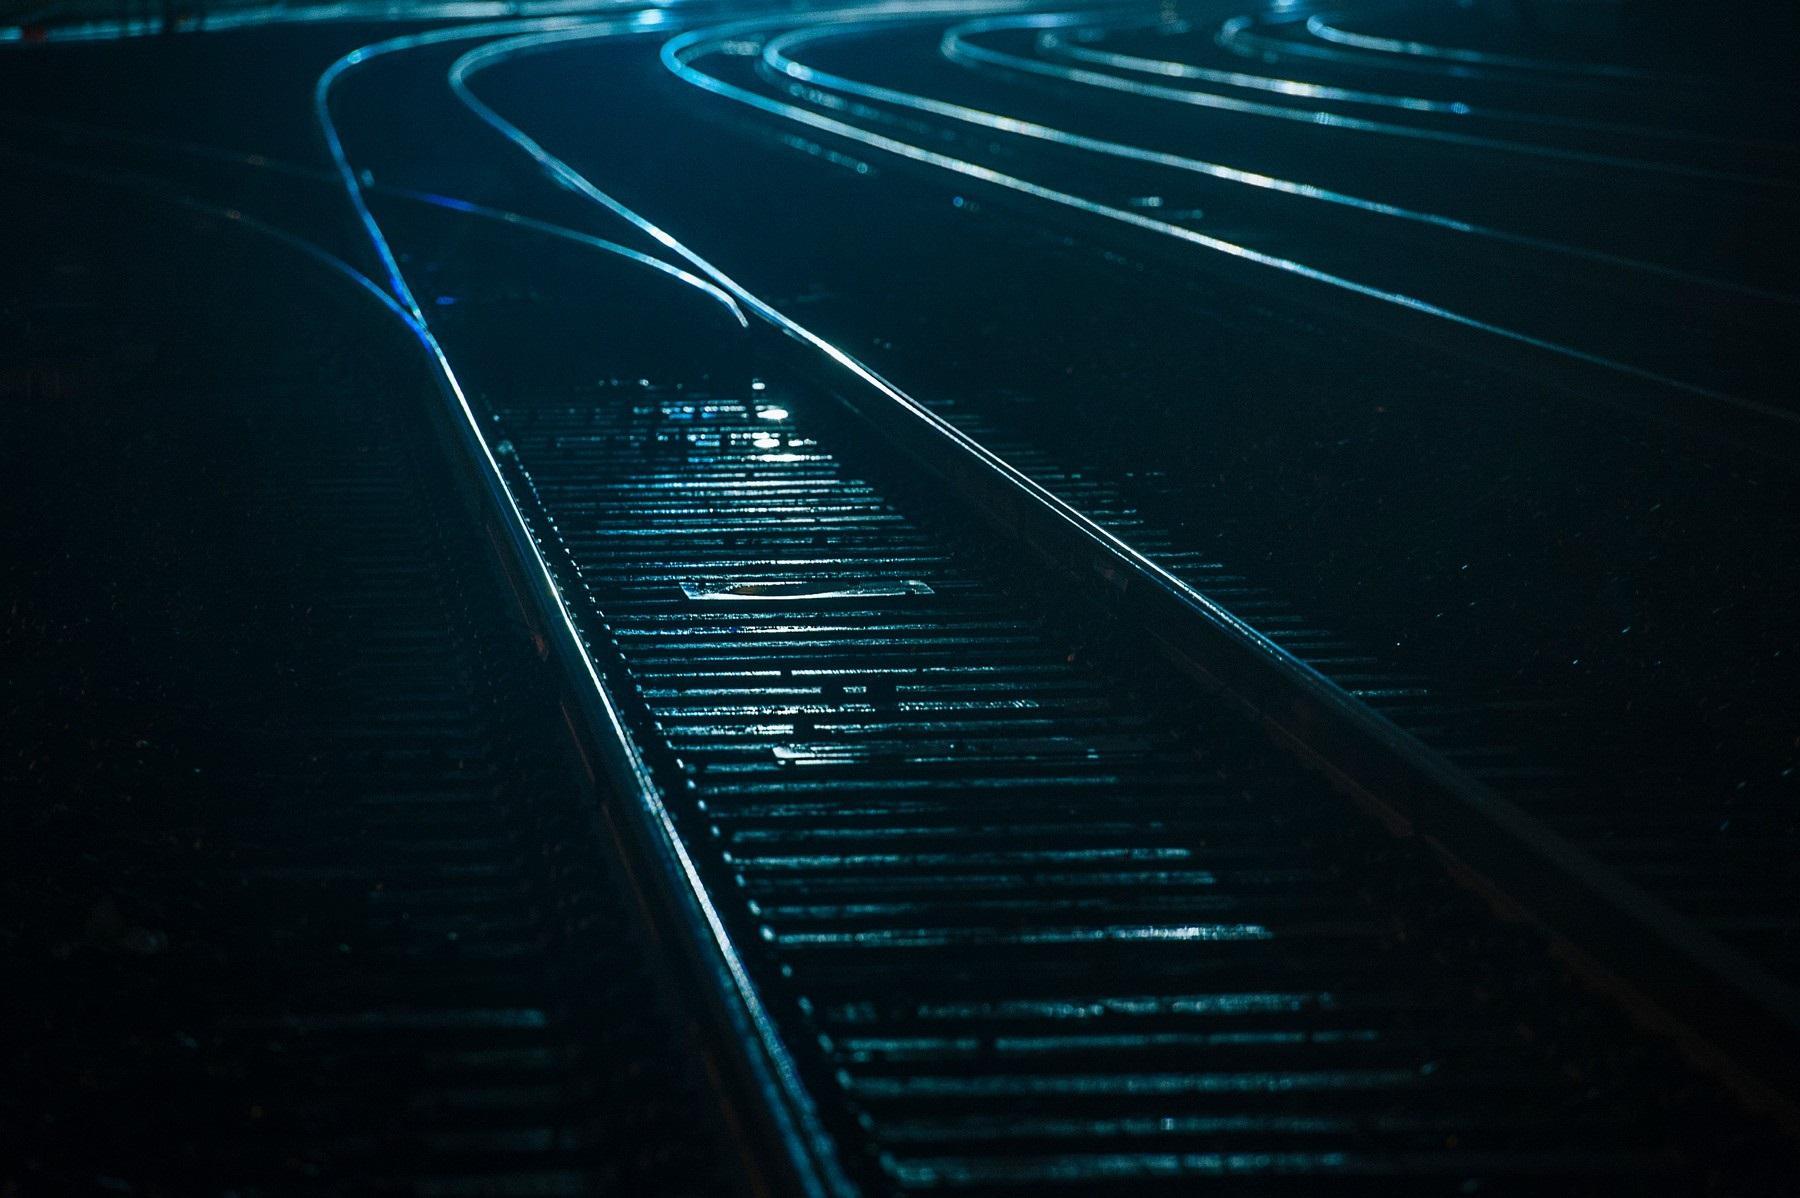 șine de tren